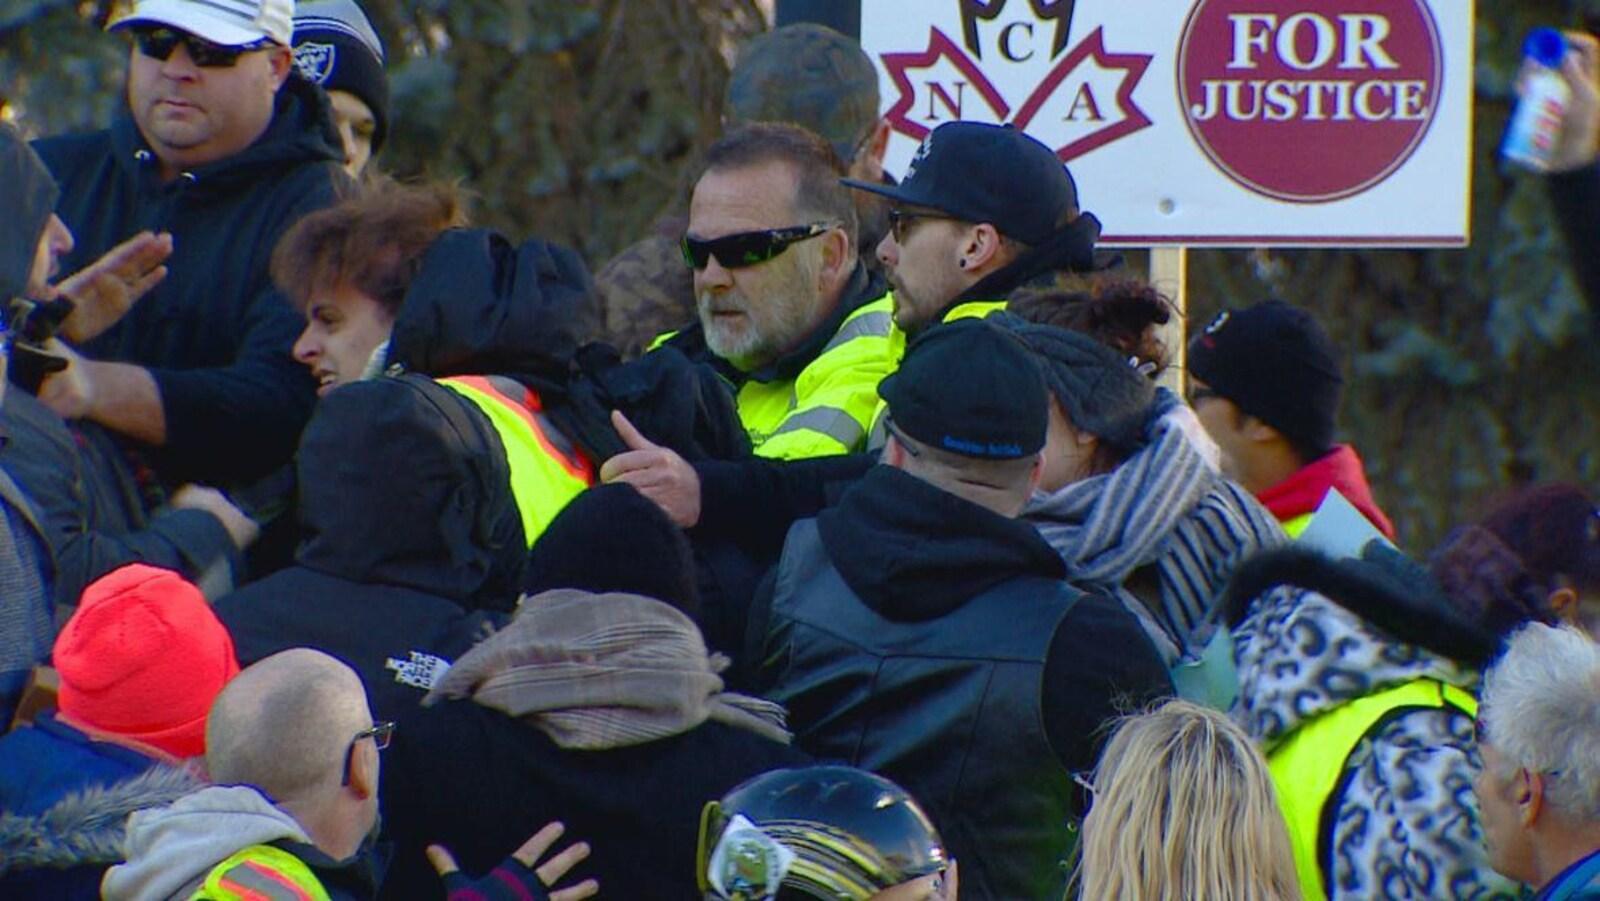 Des manifestants collés les uns contre les autres s'agitent lors du rassemblement anti-immigration à Edmonton.